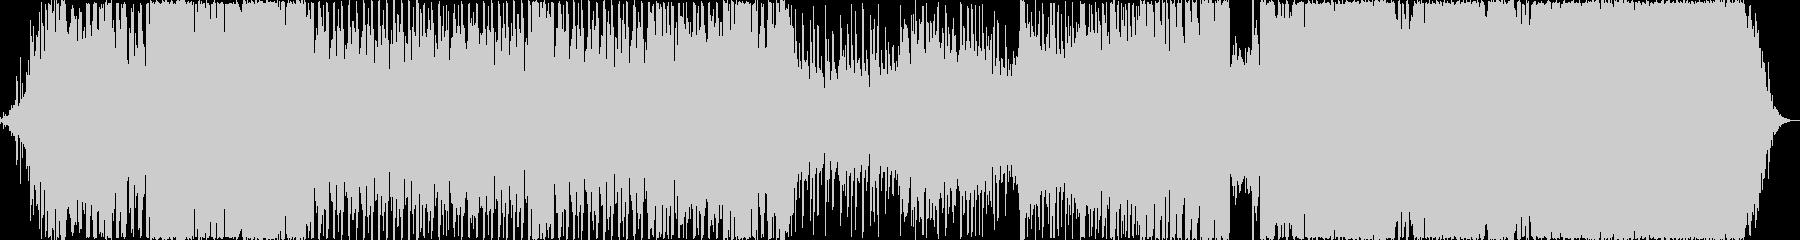 アクセルを全開にしたくなるユーロビート4の未再生の波形